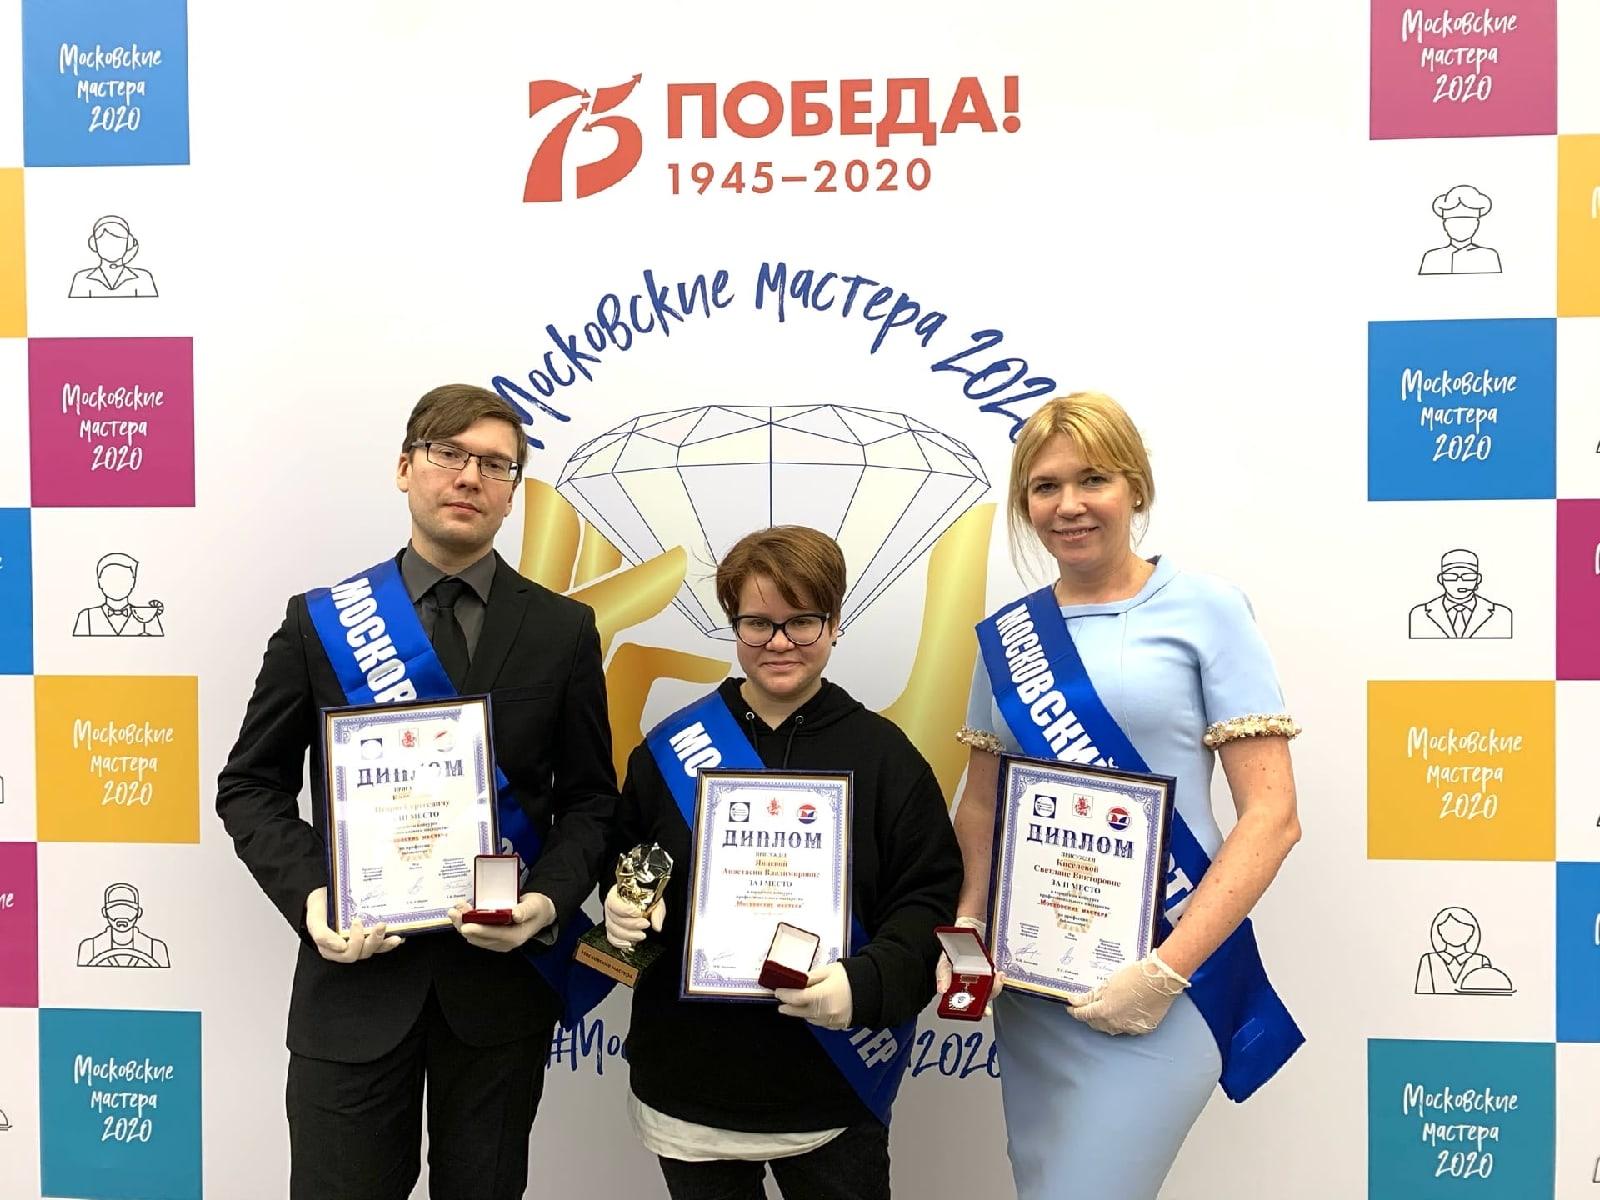 Сотрудница библиотеки №143 заняла второе место в конкурсе «Московские мастера-2020»